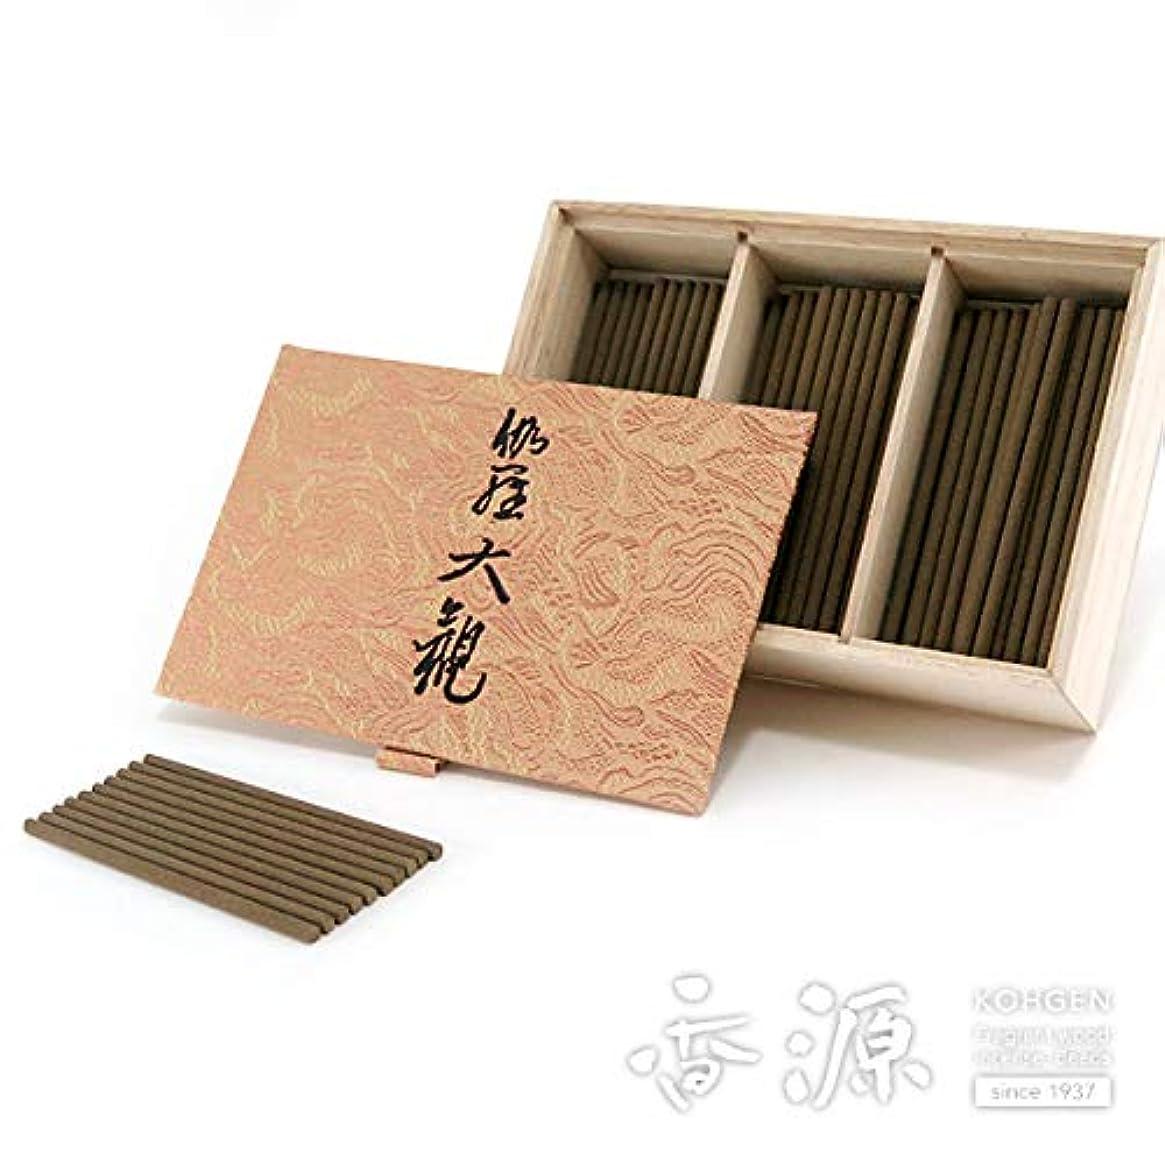 振動する分離するジャグリング日本香堂のお香 伽羅大観 スティックミニ寸お徳用 120本入り